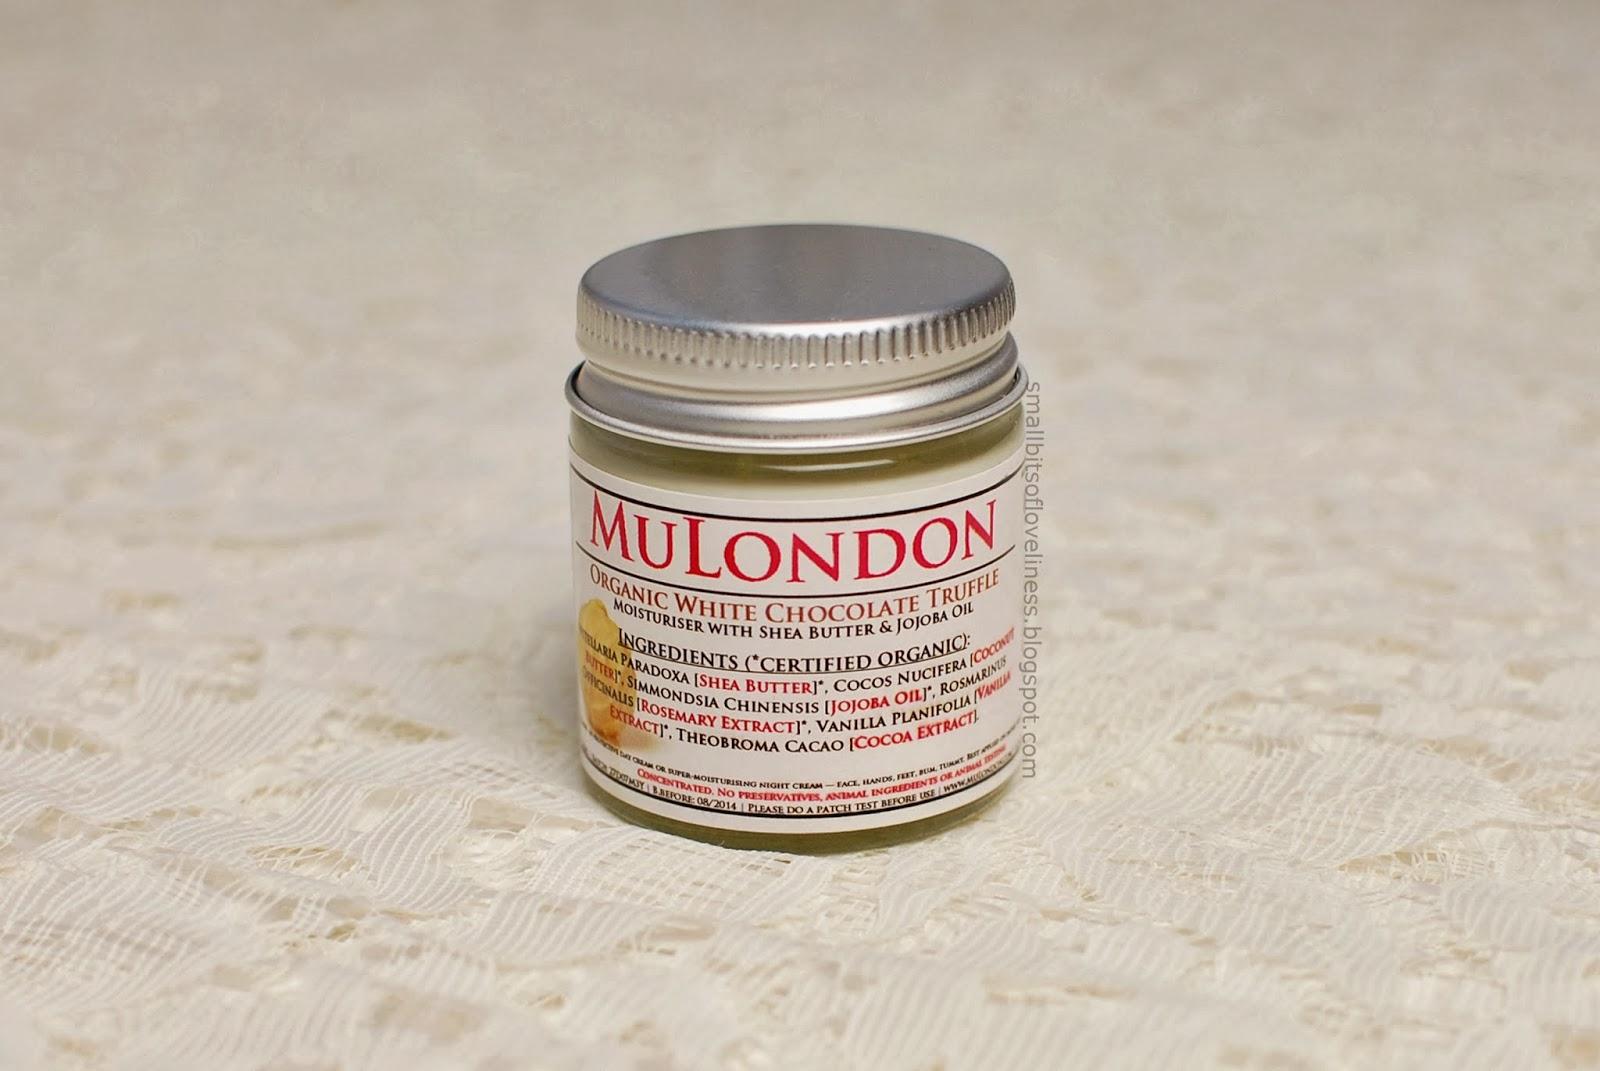 MuLondon Organic White Chocolate Truffle Moisturiser